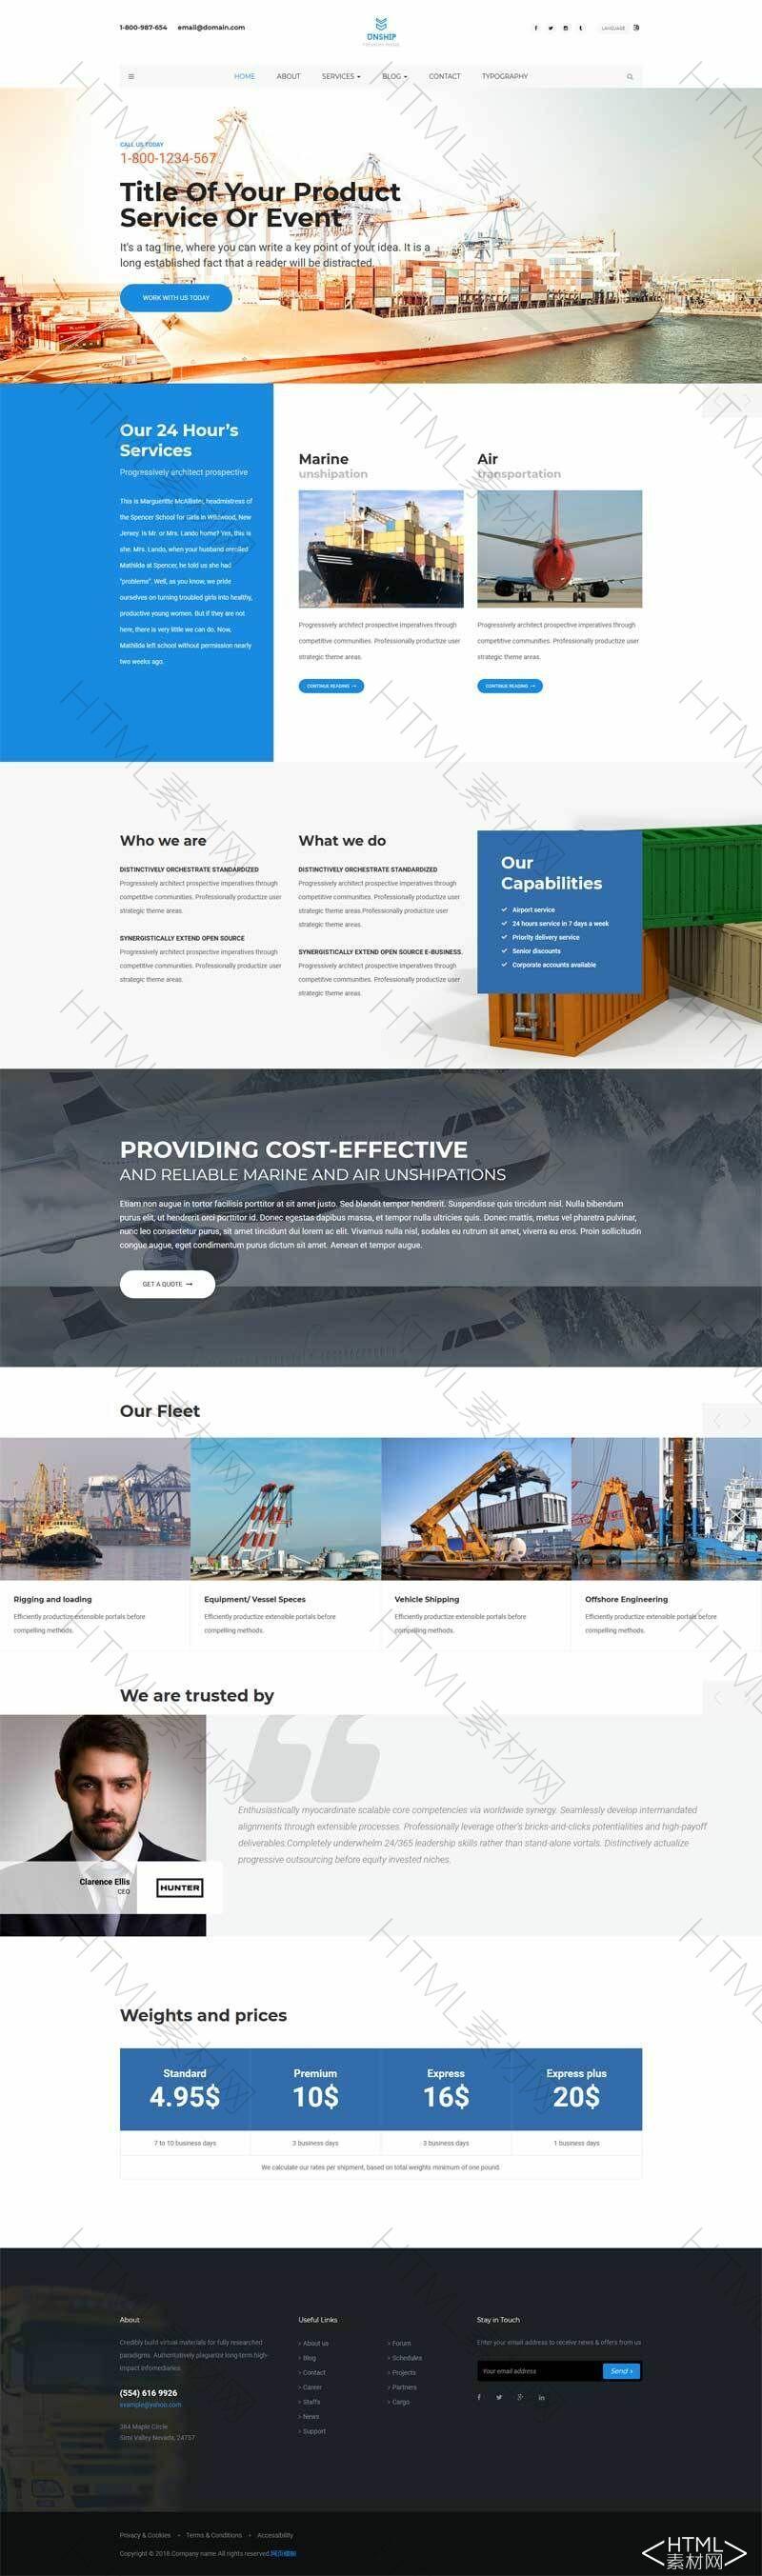 宽屏的港口海运集装箱物流公司网站模板.jpg